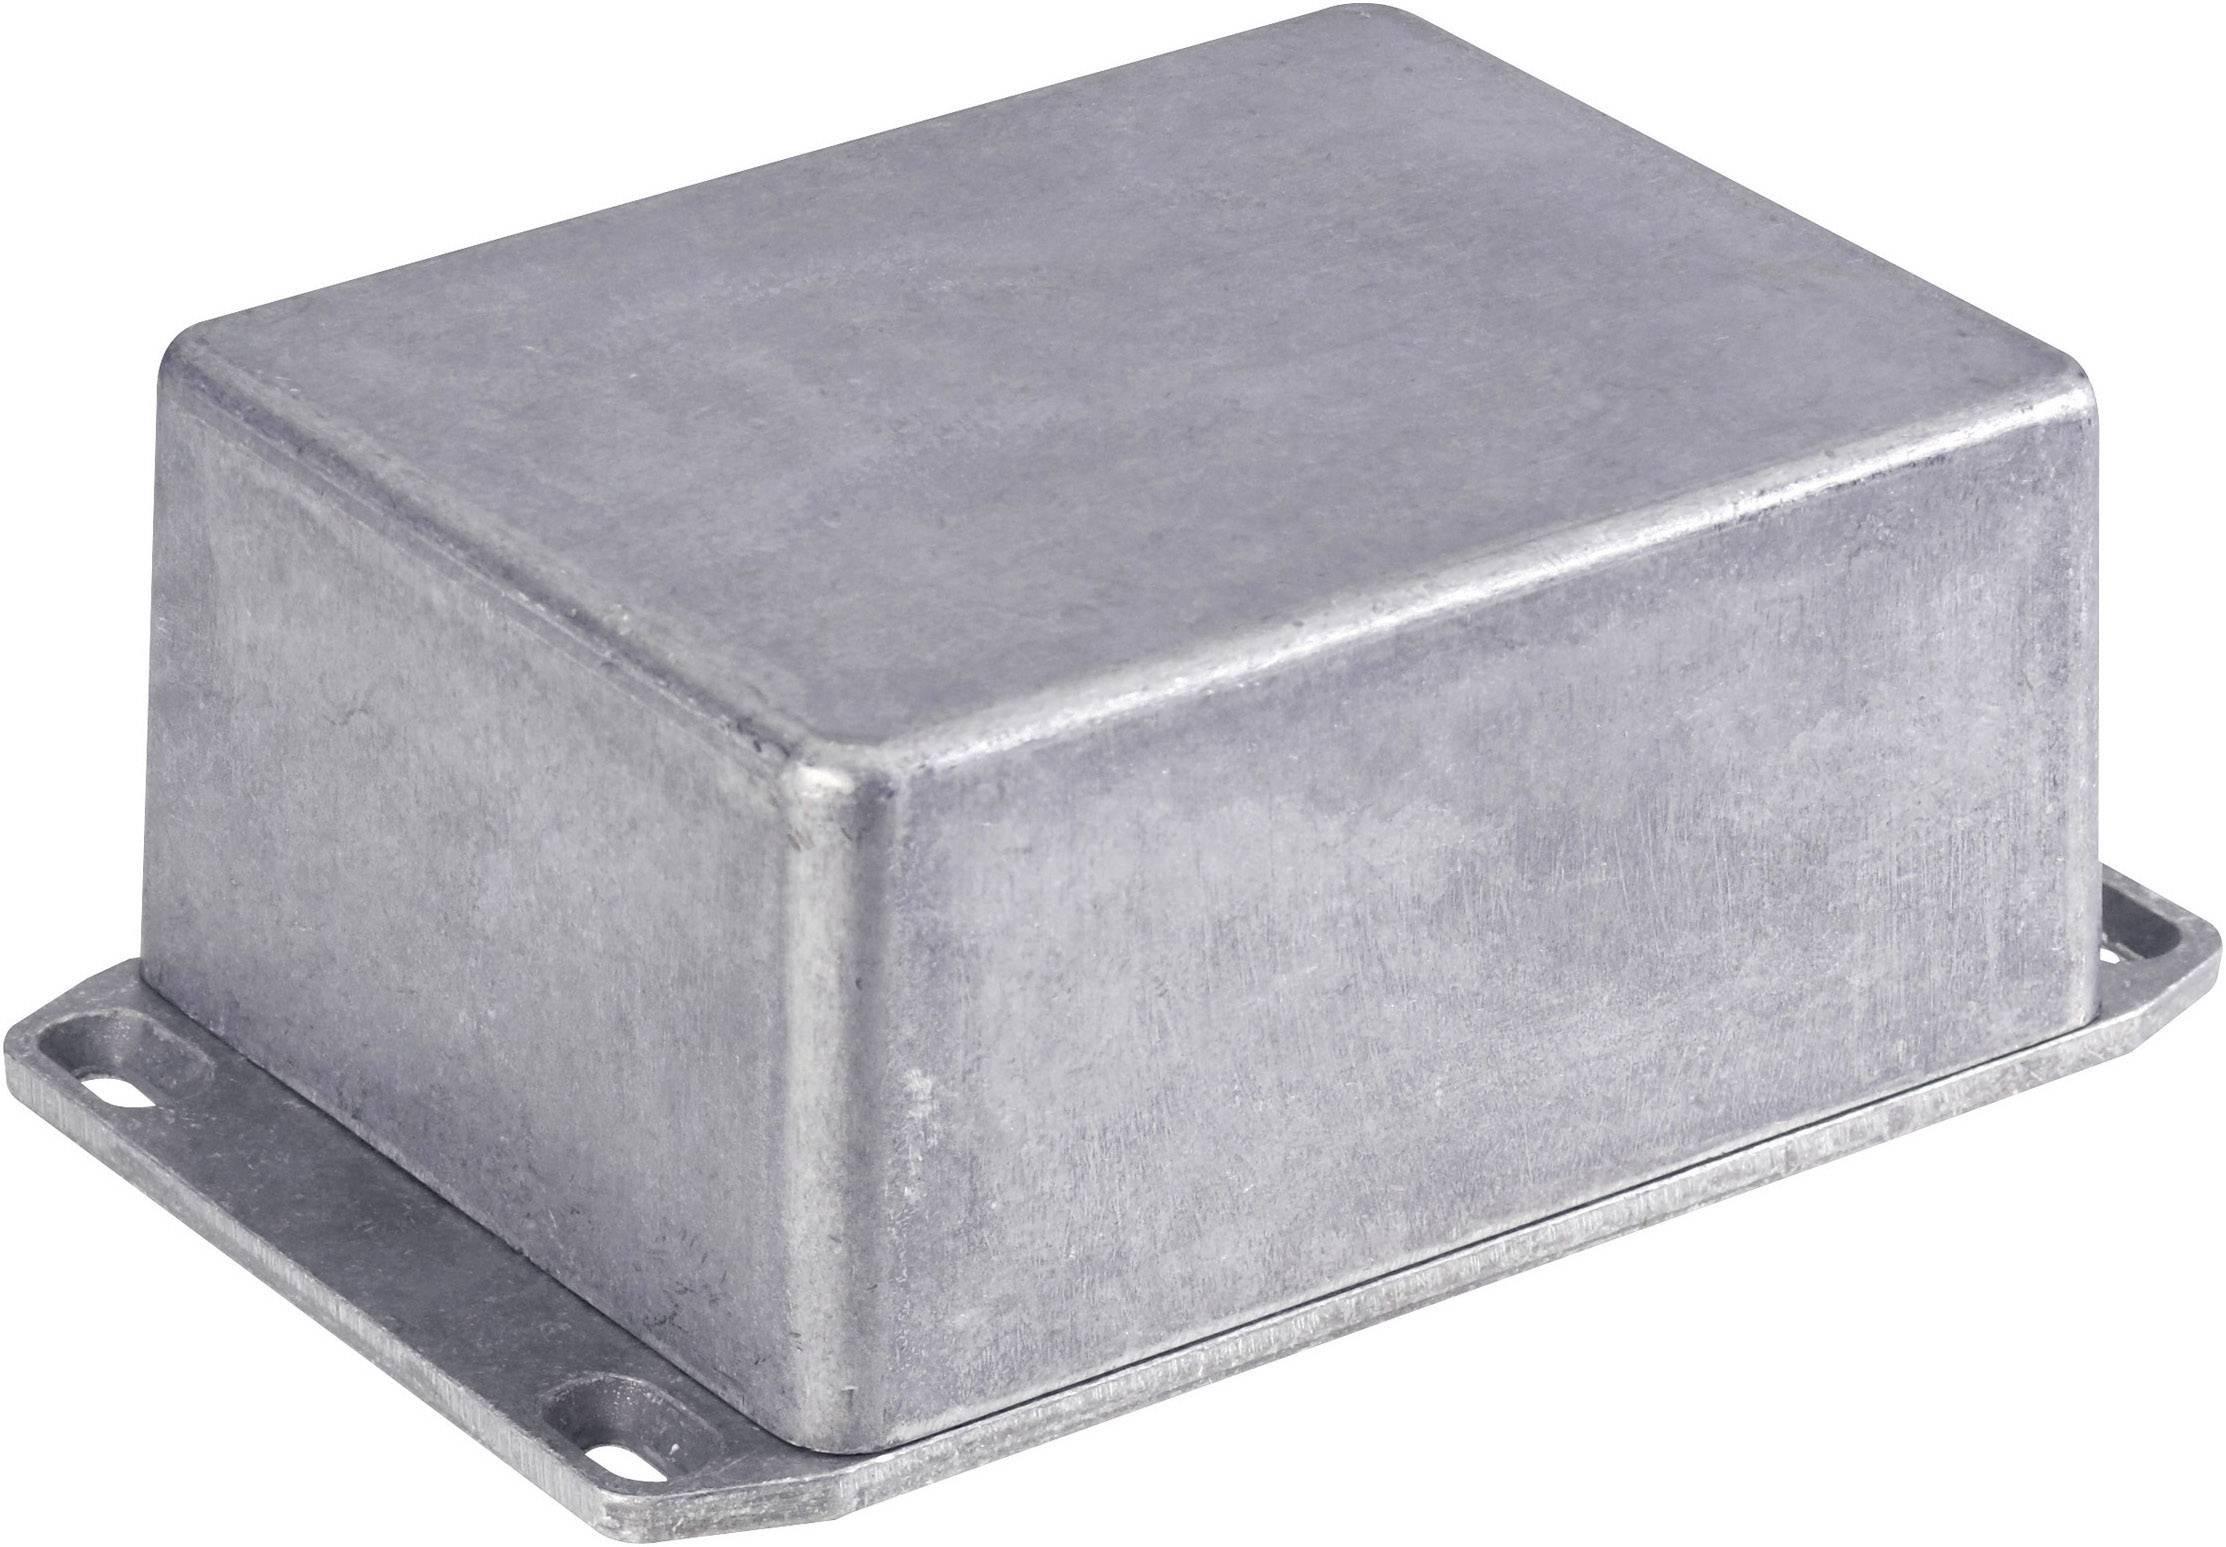 Tlakem lité hliníkové pouzdro Hammond Electronics 1590BSFLBK, (d x š x v) 112 x 60 x 42 mm, černá